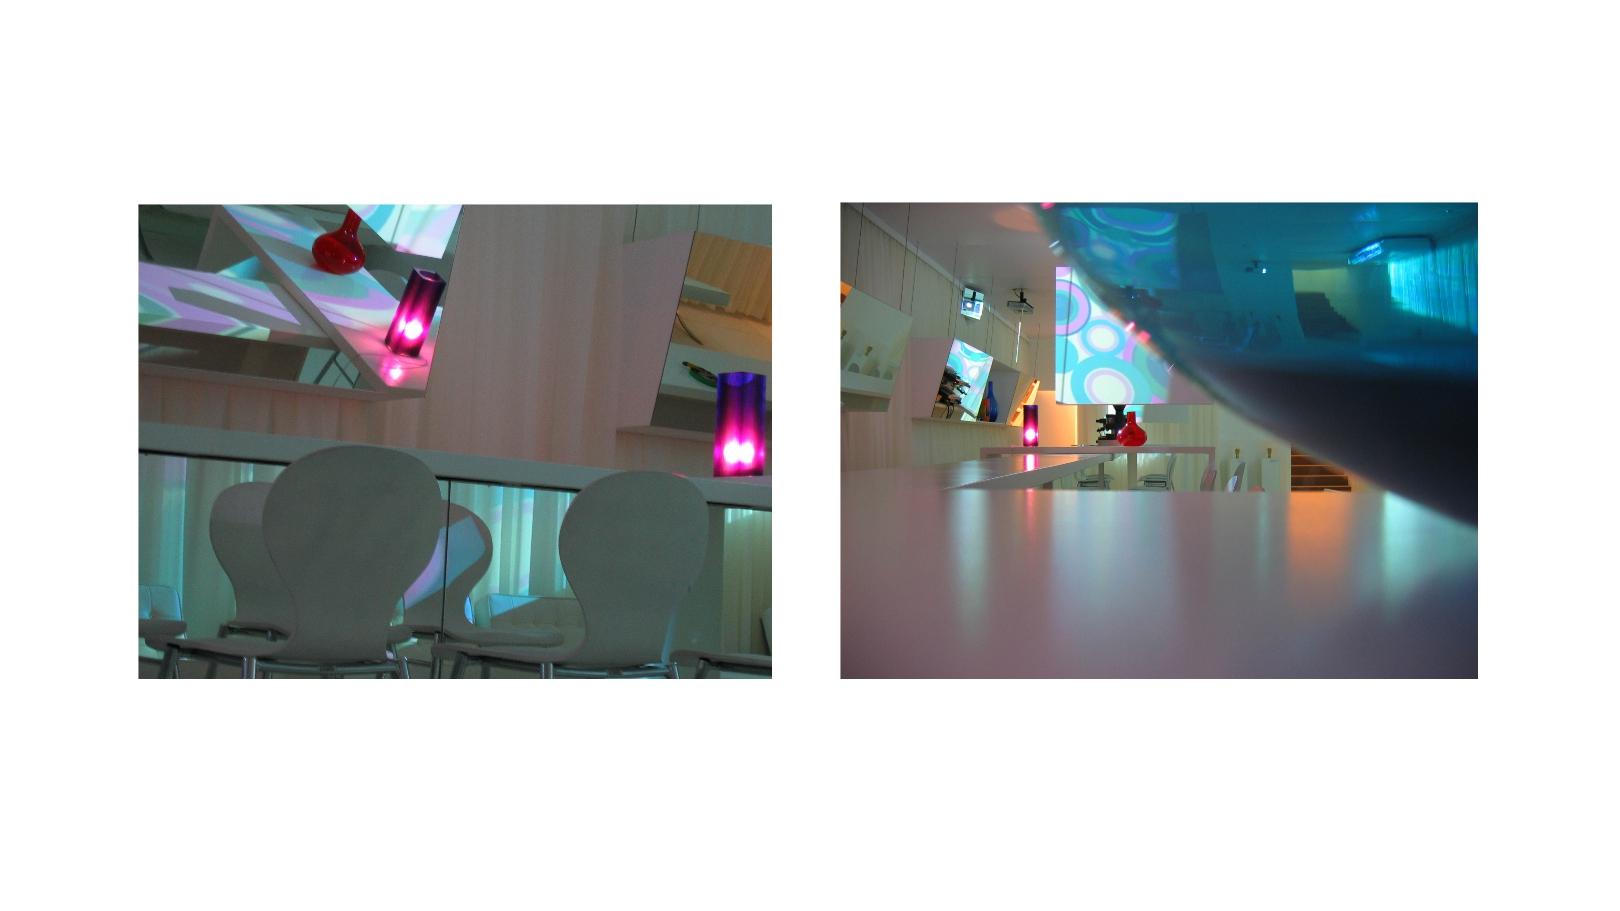 Apresentação Inez Oliveira exhibition design 2016 29